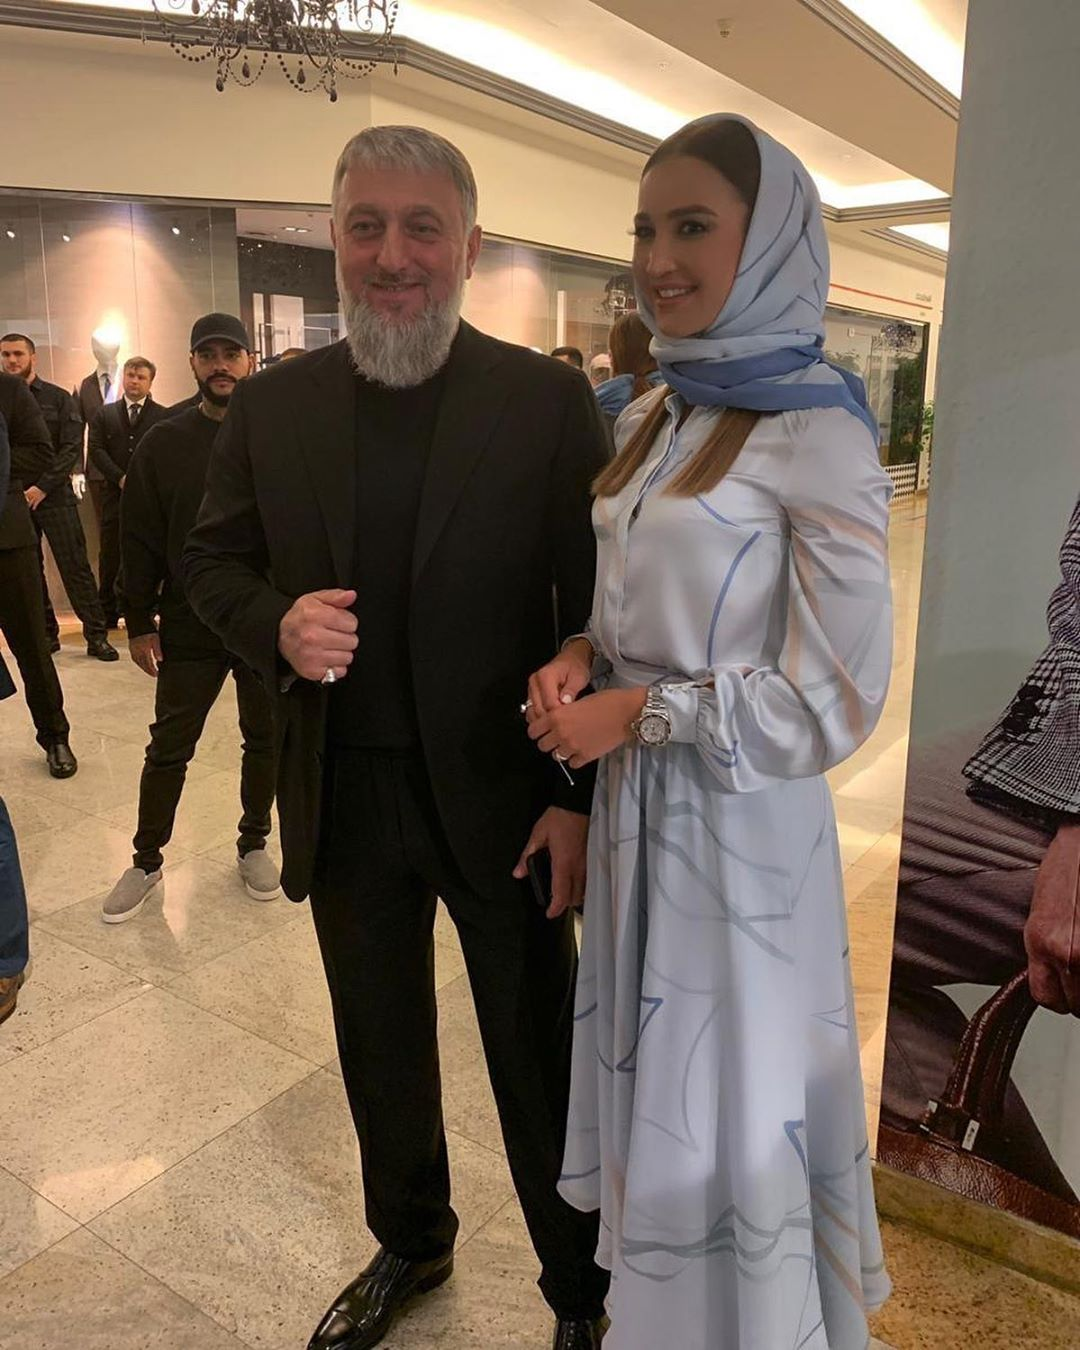 Ольга Бузова разместила фото с депутаом Госдумы РФ Адамом Делимхановым на открытии бутика модного дома Firdaws в Москве